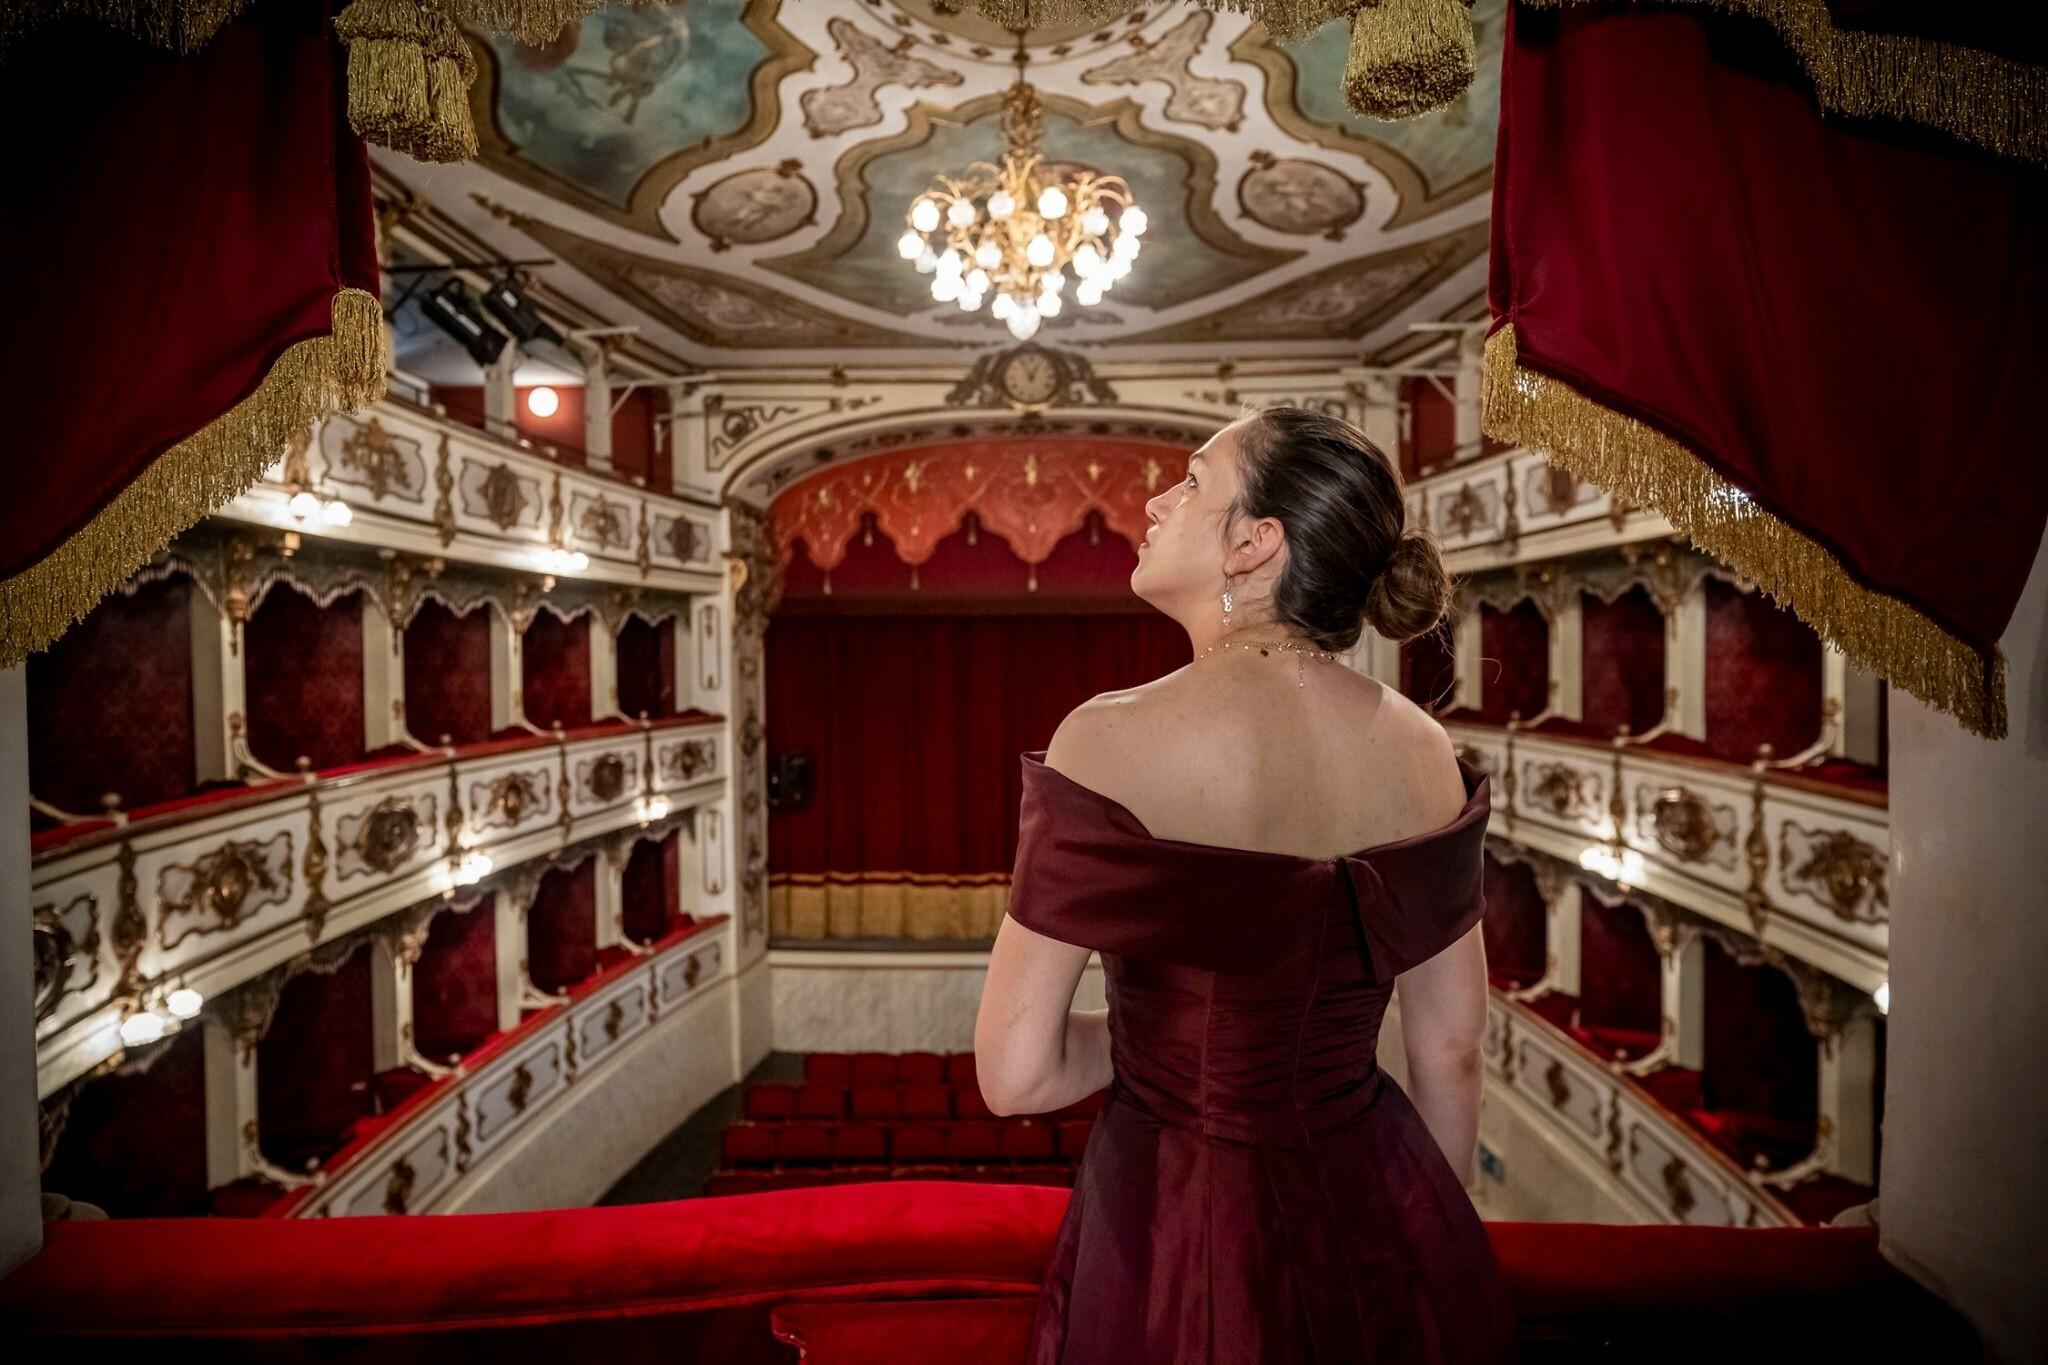 Chi non vorrebbe amare ed essere amato come si amarono Giuseppe Verdi e Giuseppina Strepponi? Visita guidata al Teatro Verdi